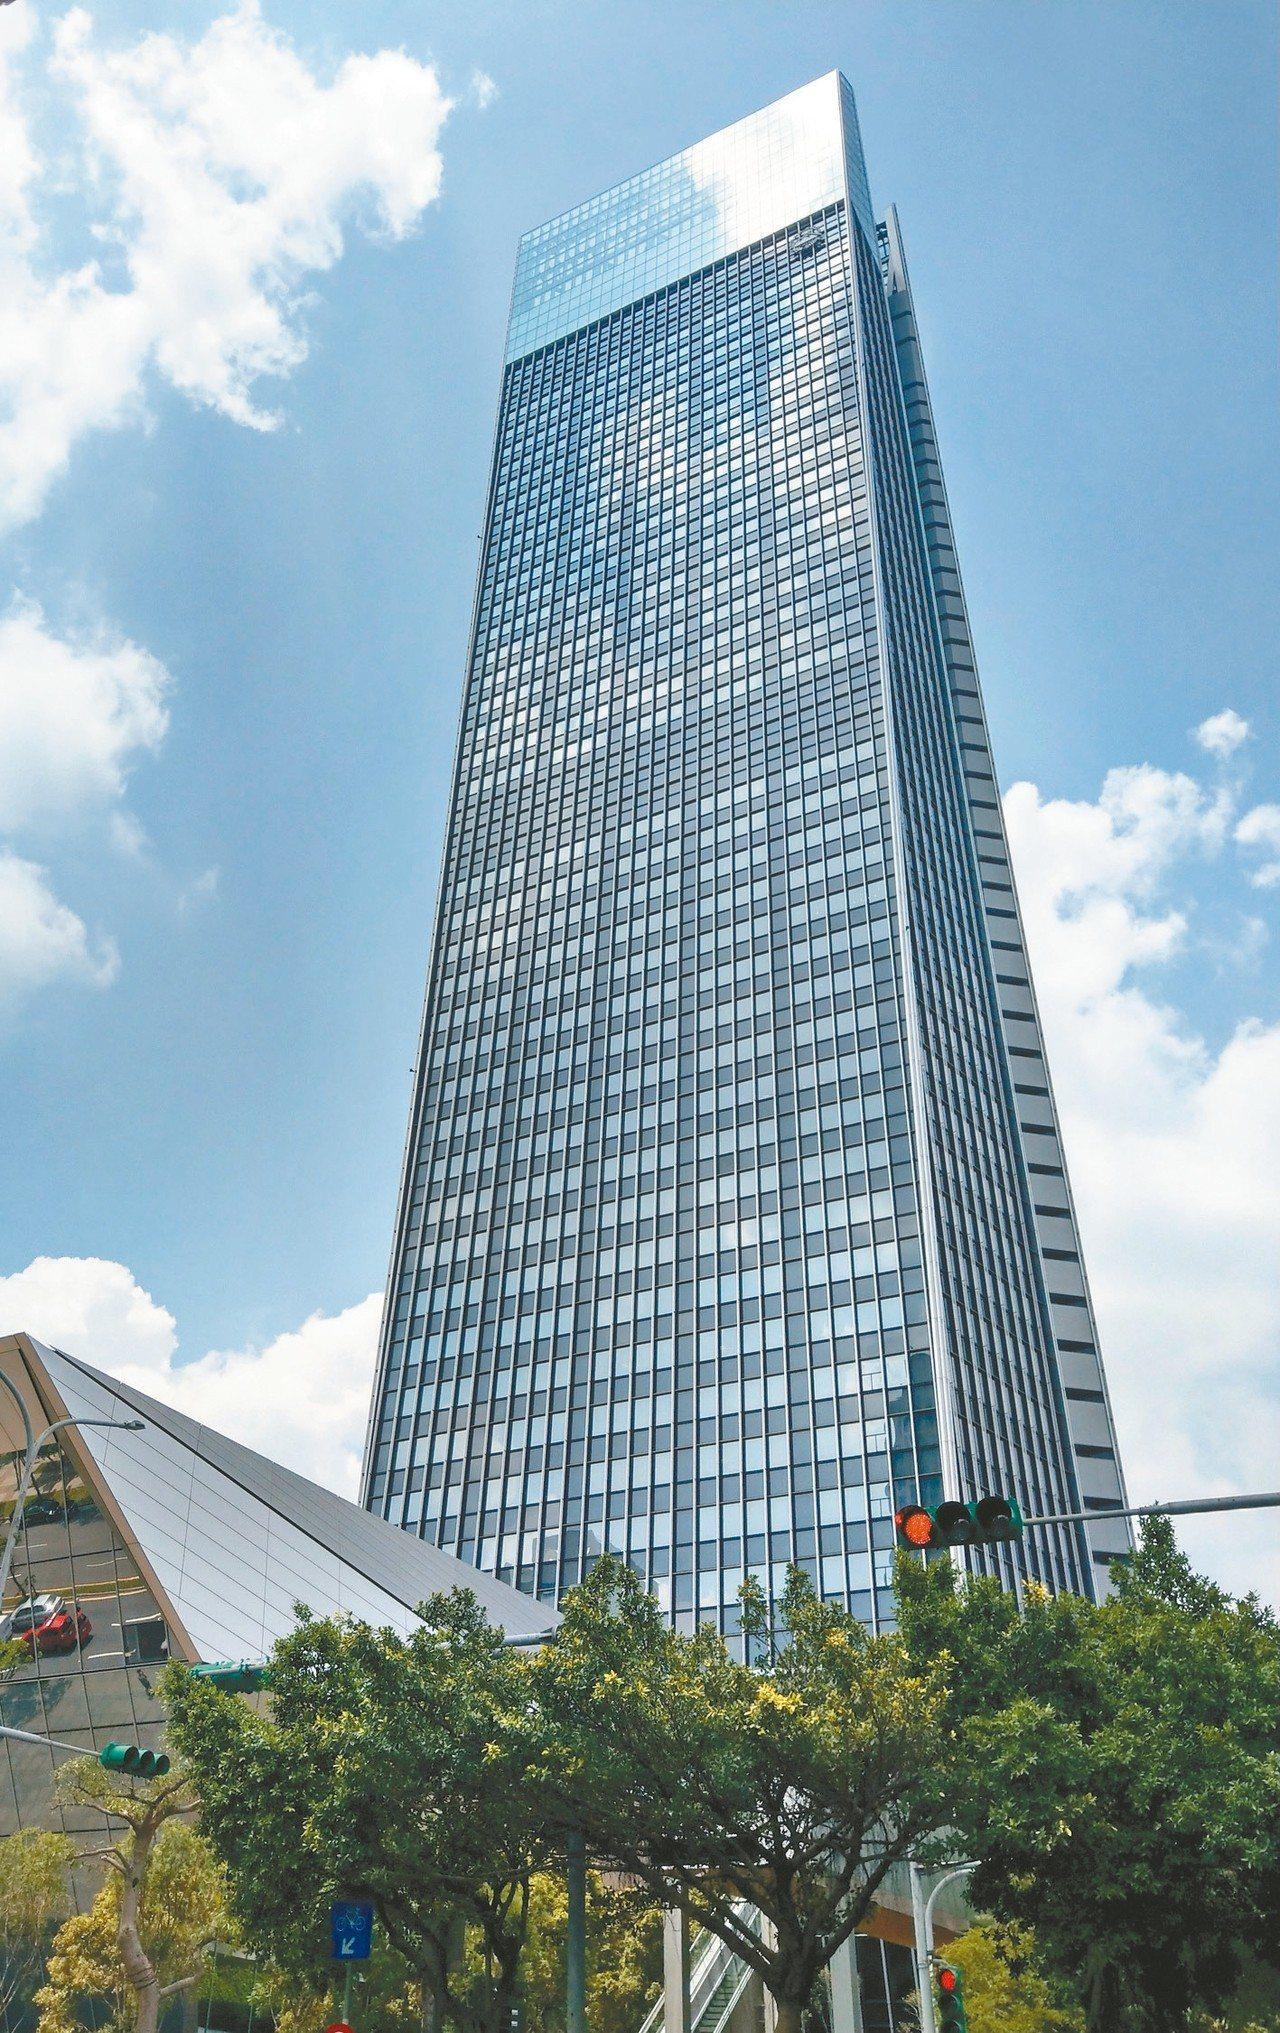 台北南山廣場出現滿租且租金創新高,讓建商對商辦市場信心大增。 (本報系資料庫)